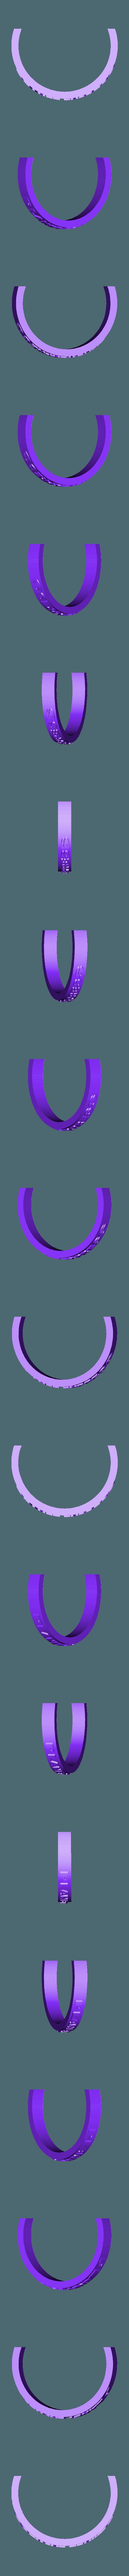 Planet-Express-Sign-Front.stl Télécharger fichier STL gratuit Planète Express 3030 • Objet à imprimer en 3D, Piggie